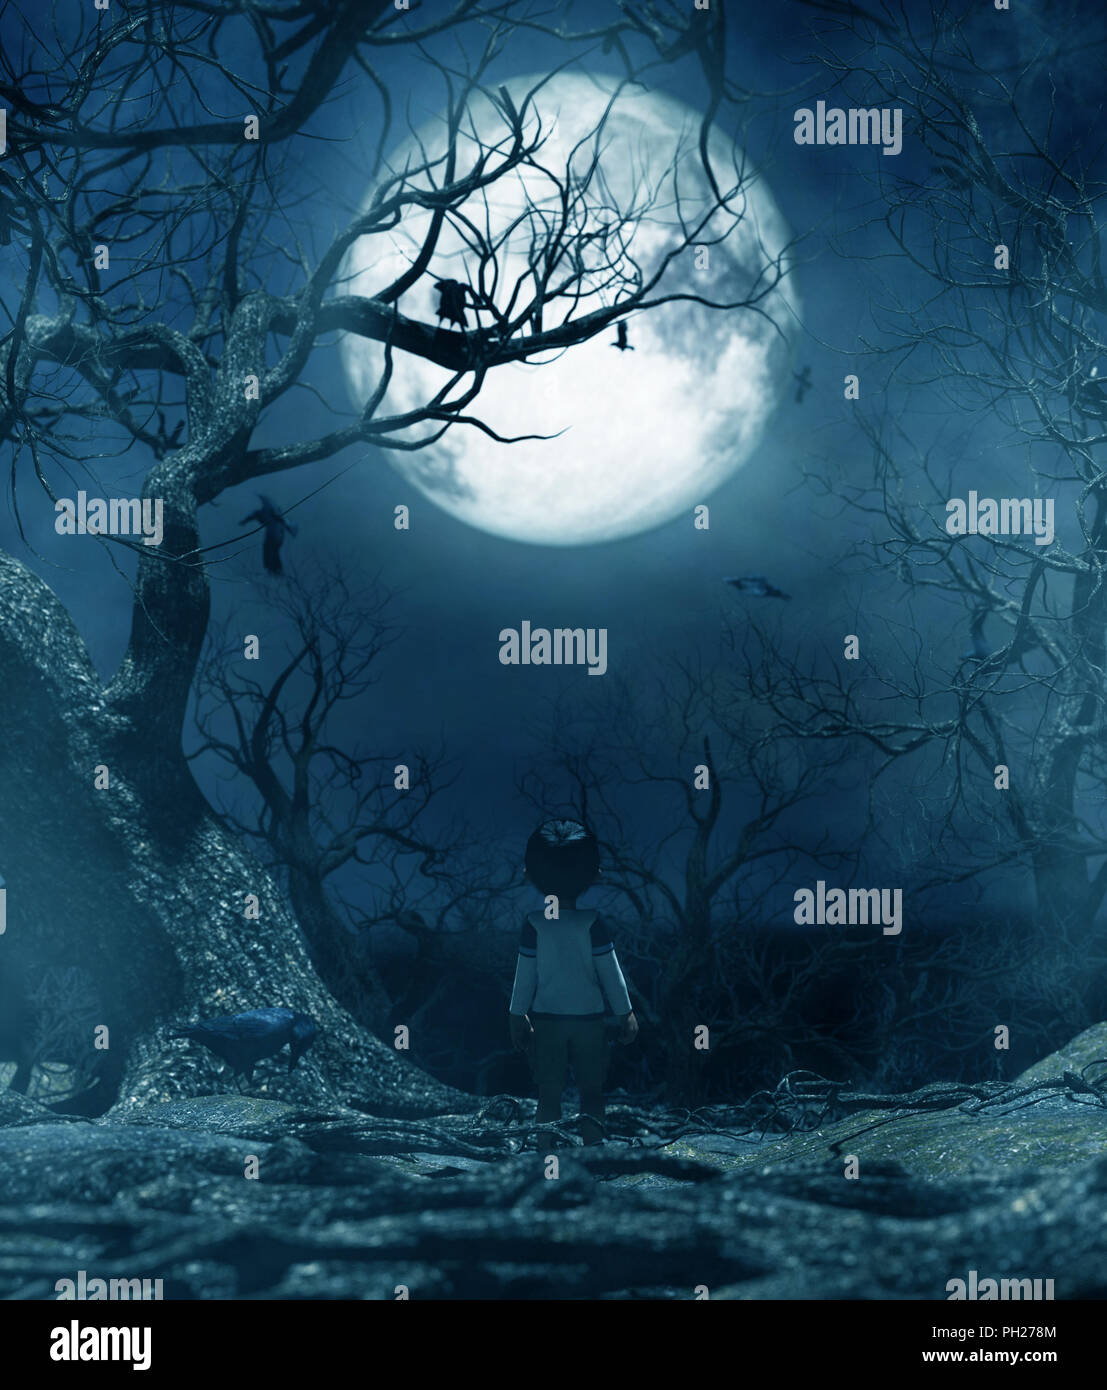 Junge allein wandern in der Nacht im Mondlicht, Junge in der verwunschene Wald verloren, 3D-Rendering für Buch oder Buch Abbildung Stockbild